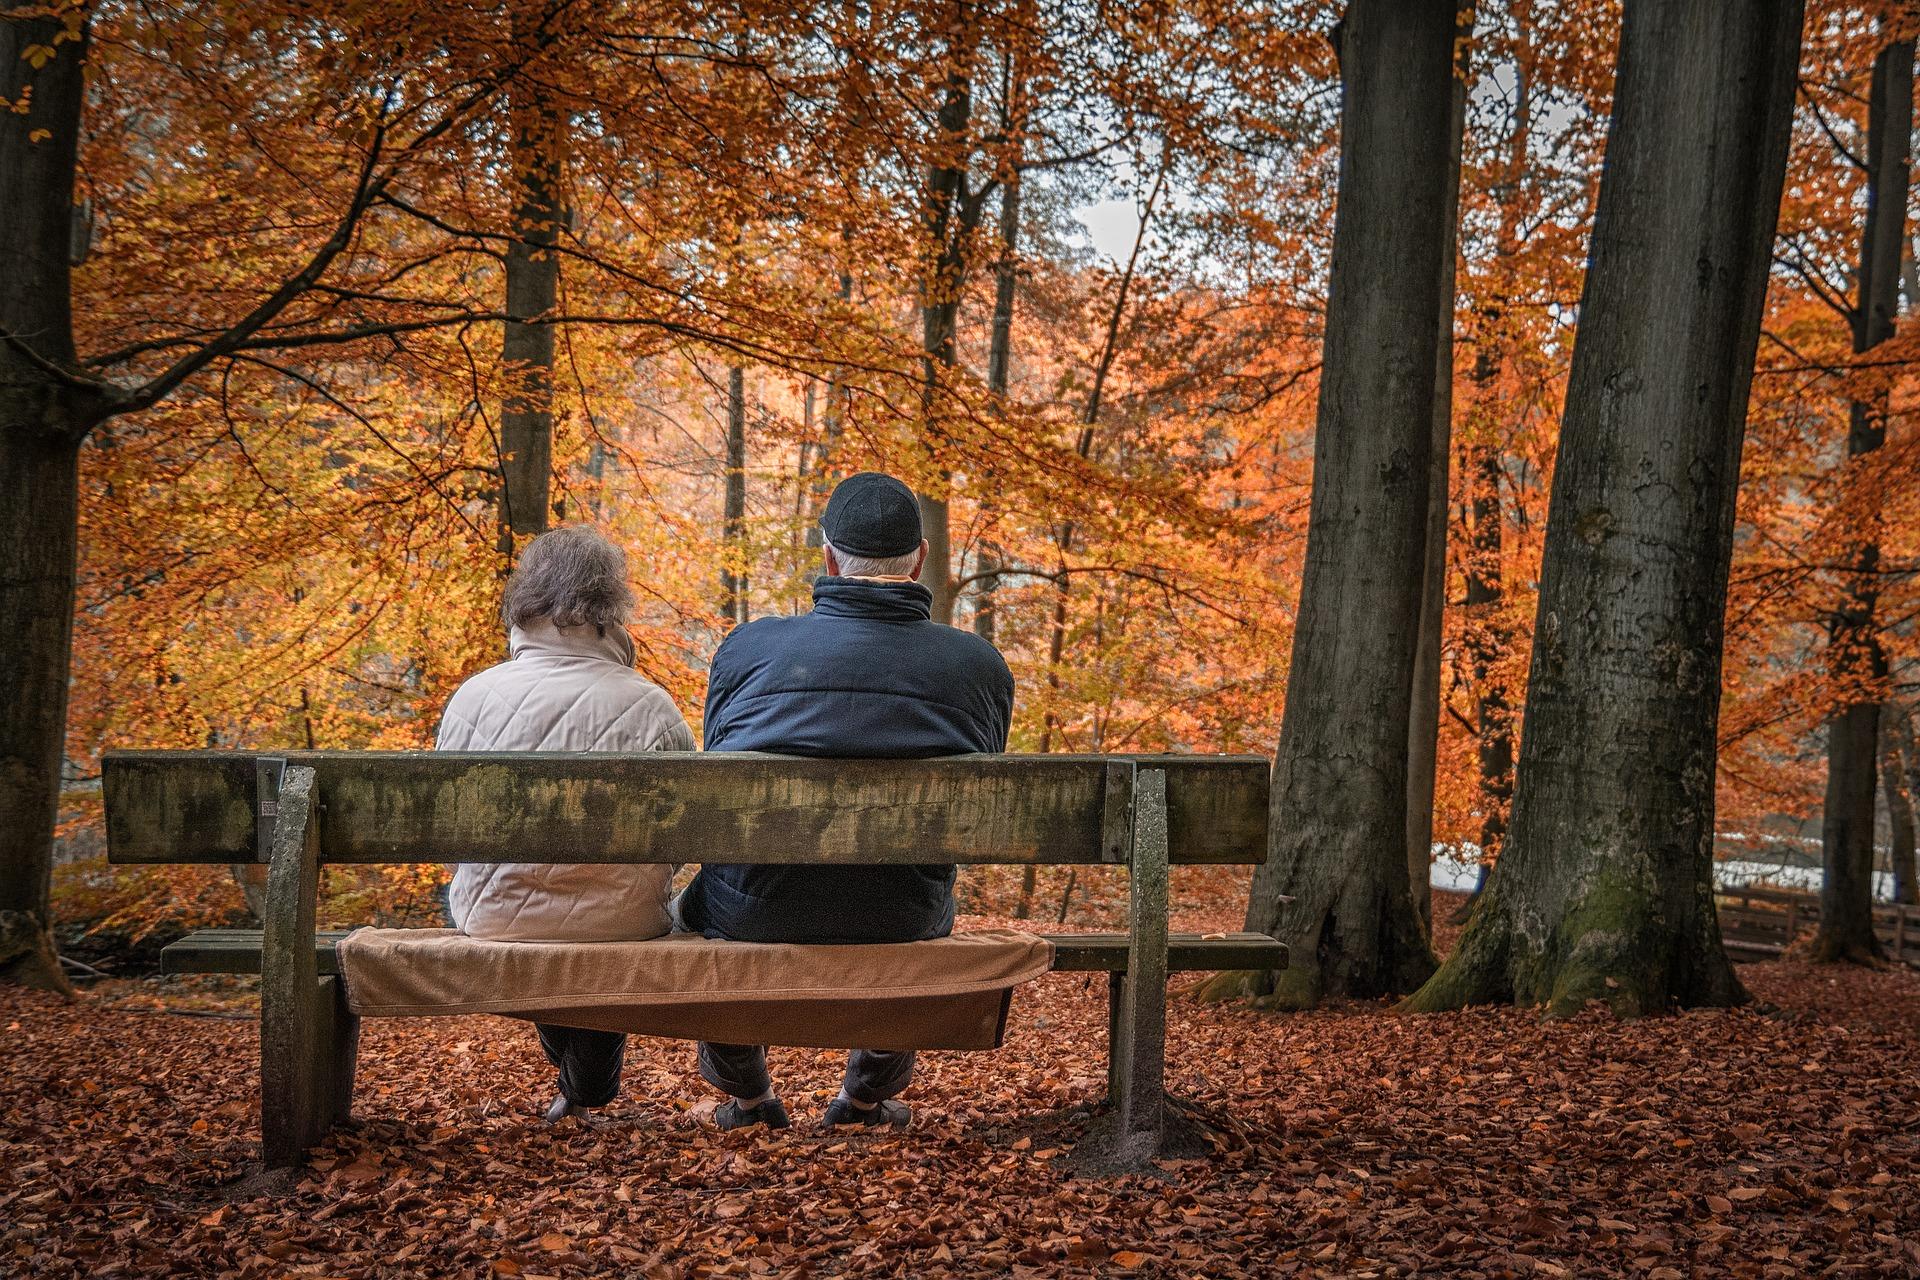 Qué día debe la Seguridad Social ingresarme la pensión